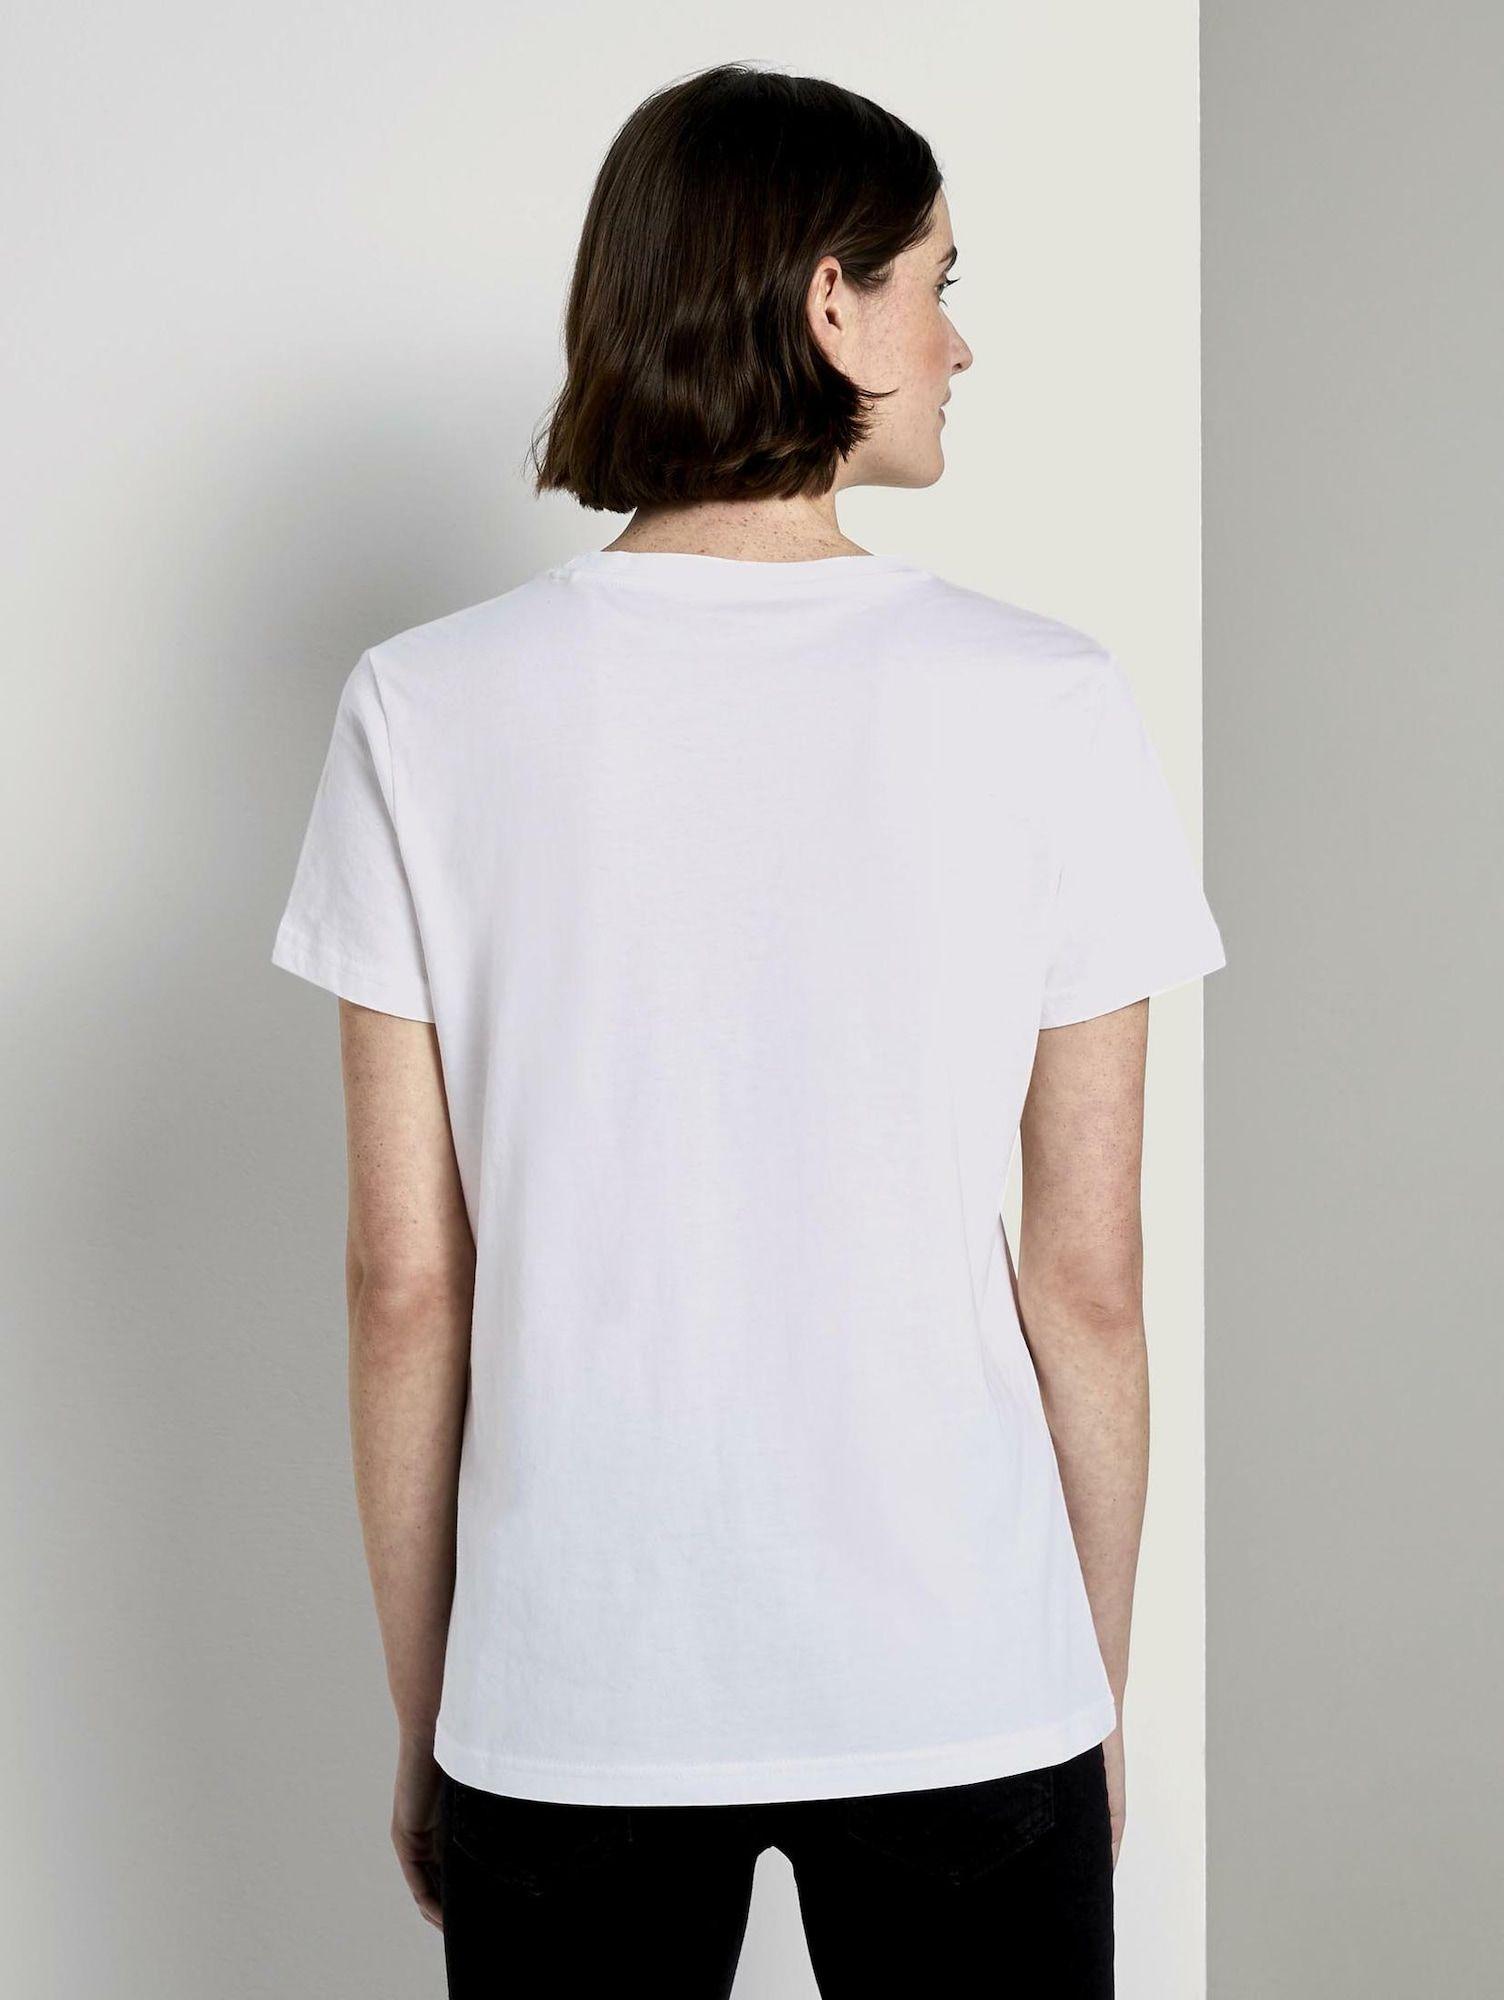 Tom Tailor T Shirt Damen Weiss Grosse Xxxl In 2020 T Shirt Damen Shirts Und T Shirt